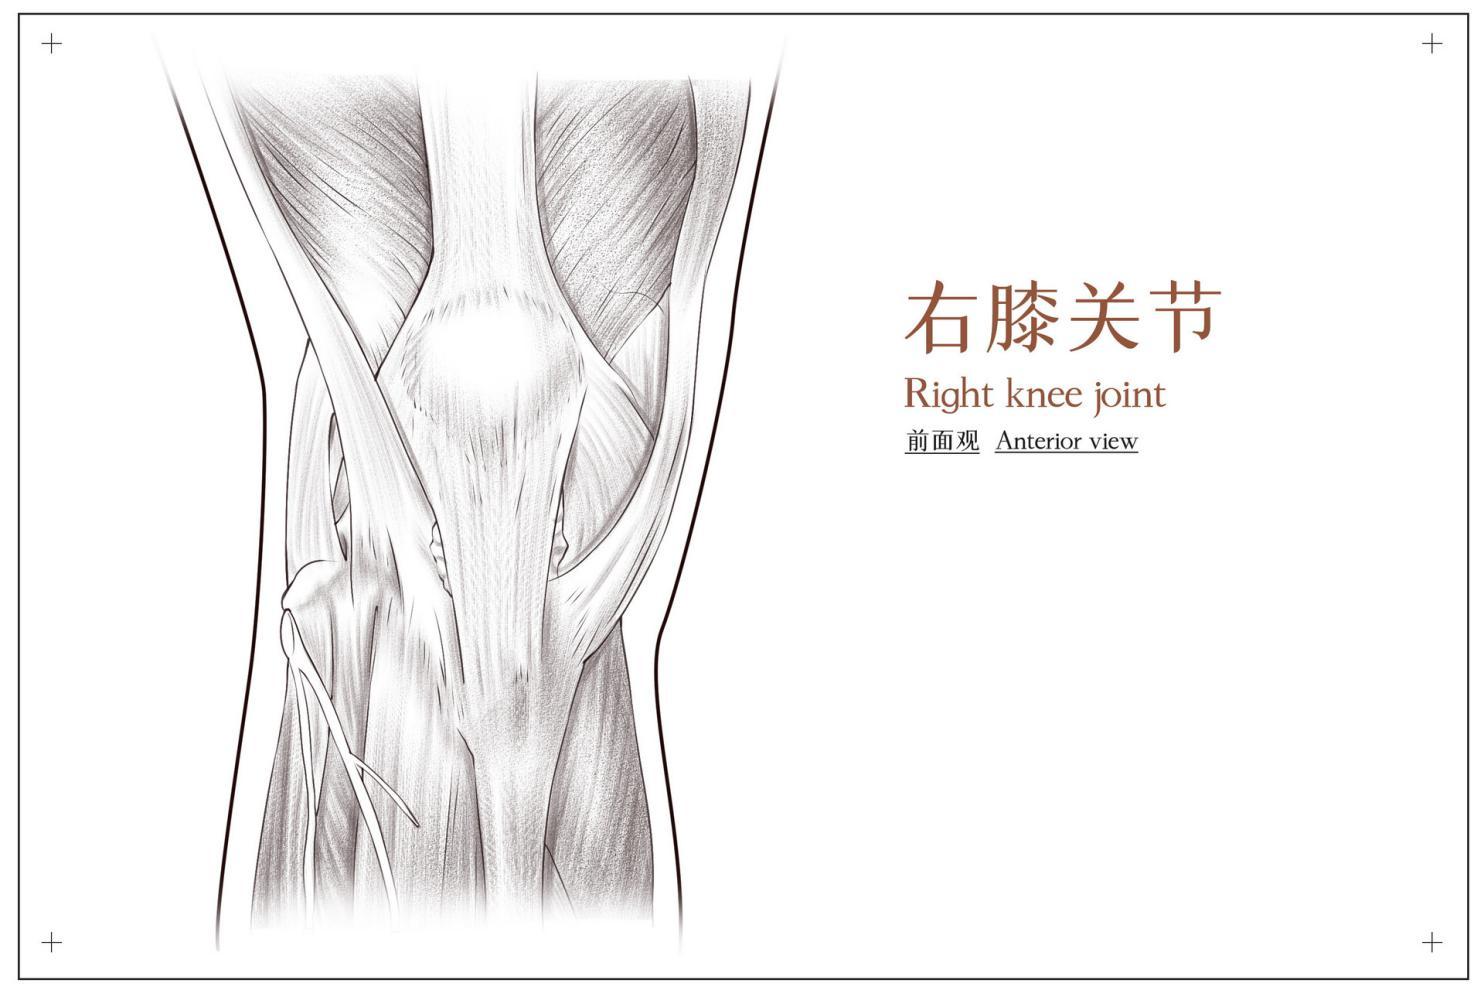 摄图网_401789966_banner_右膝关节前面观医疗插画(非企业商用)